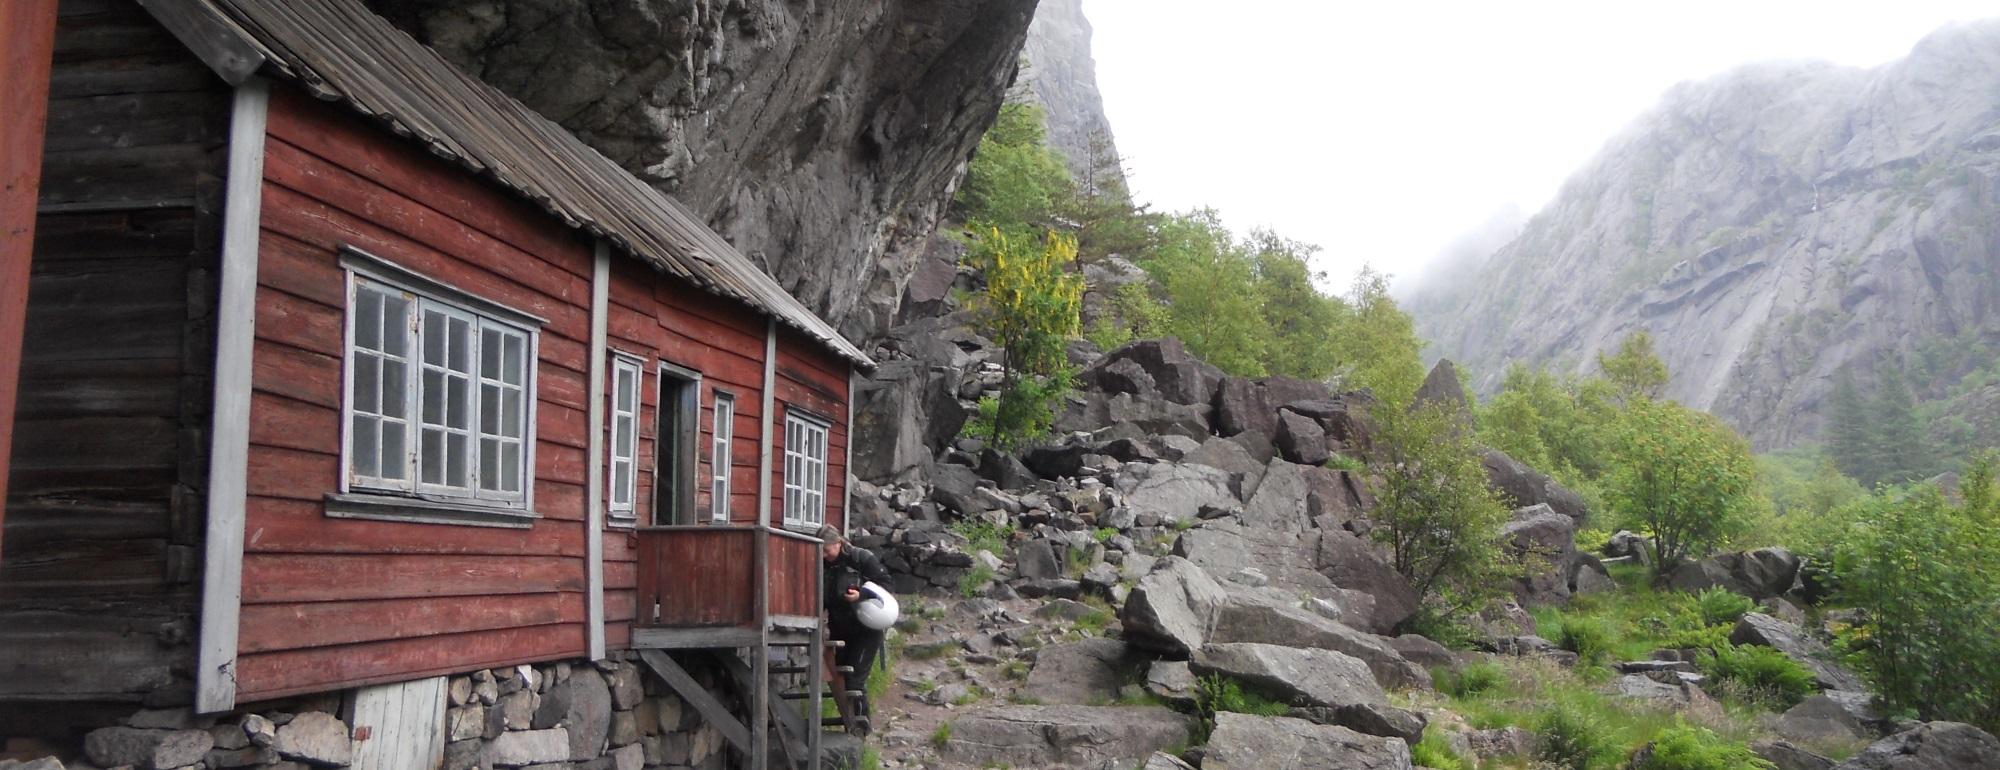 Die Häuser in Helleren machen mächtig Eindruck.